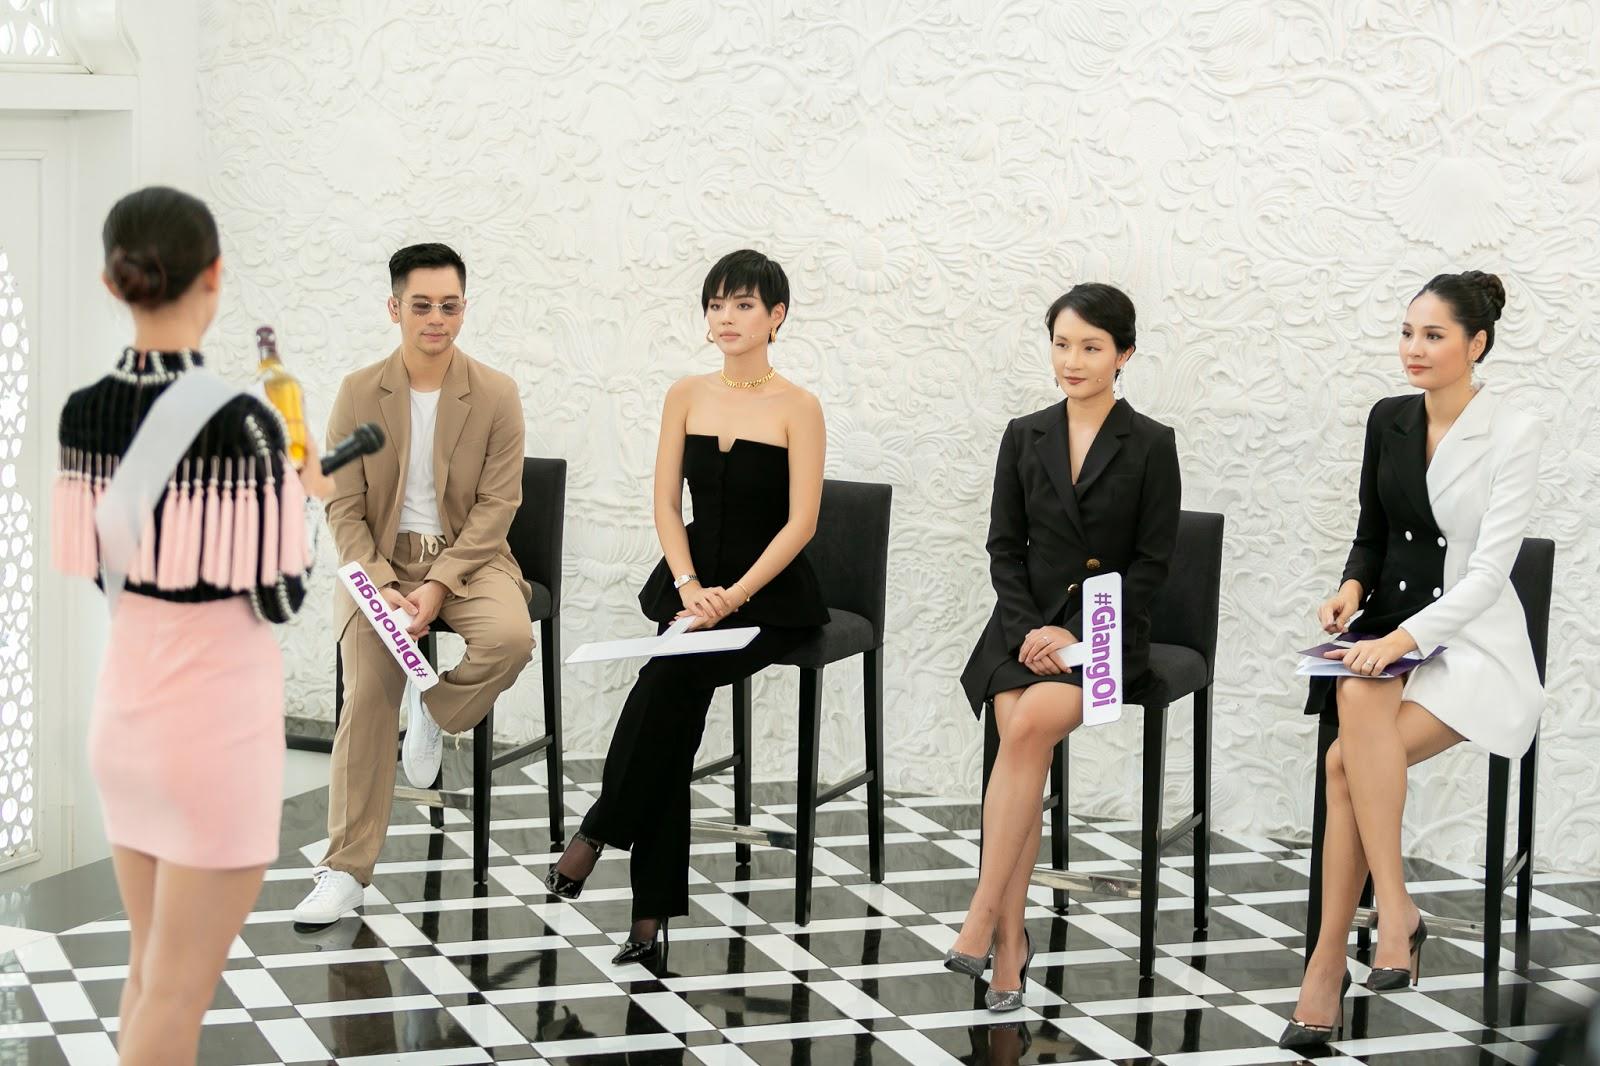 Sau nhiều lần bị chê thậm tệ, Thúy Vân bất ngờ vươn lên dẫn đầu, ngôi vị Hoa hậu đang đến gần - Hình 2